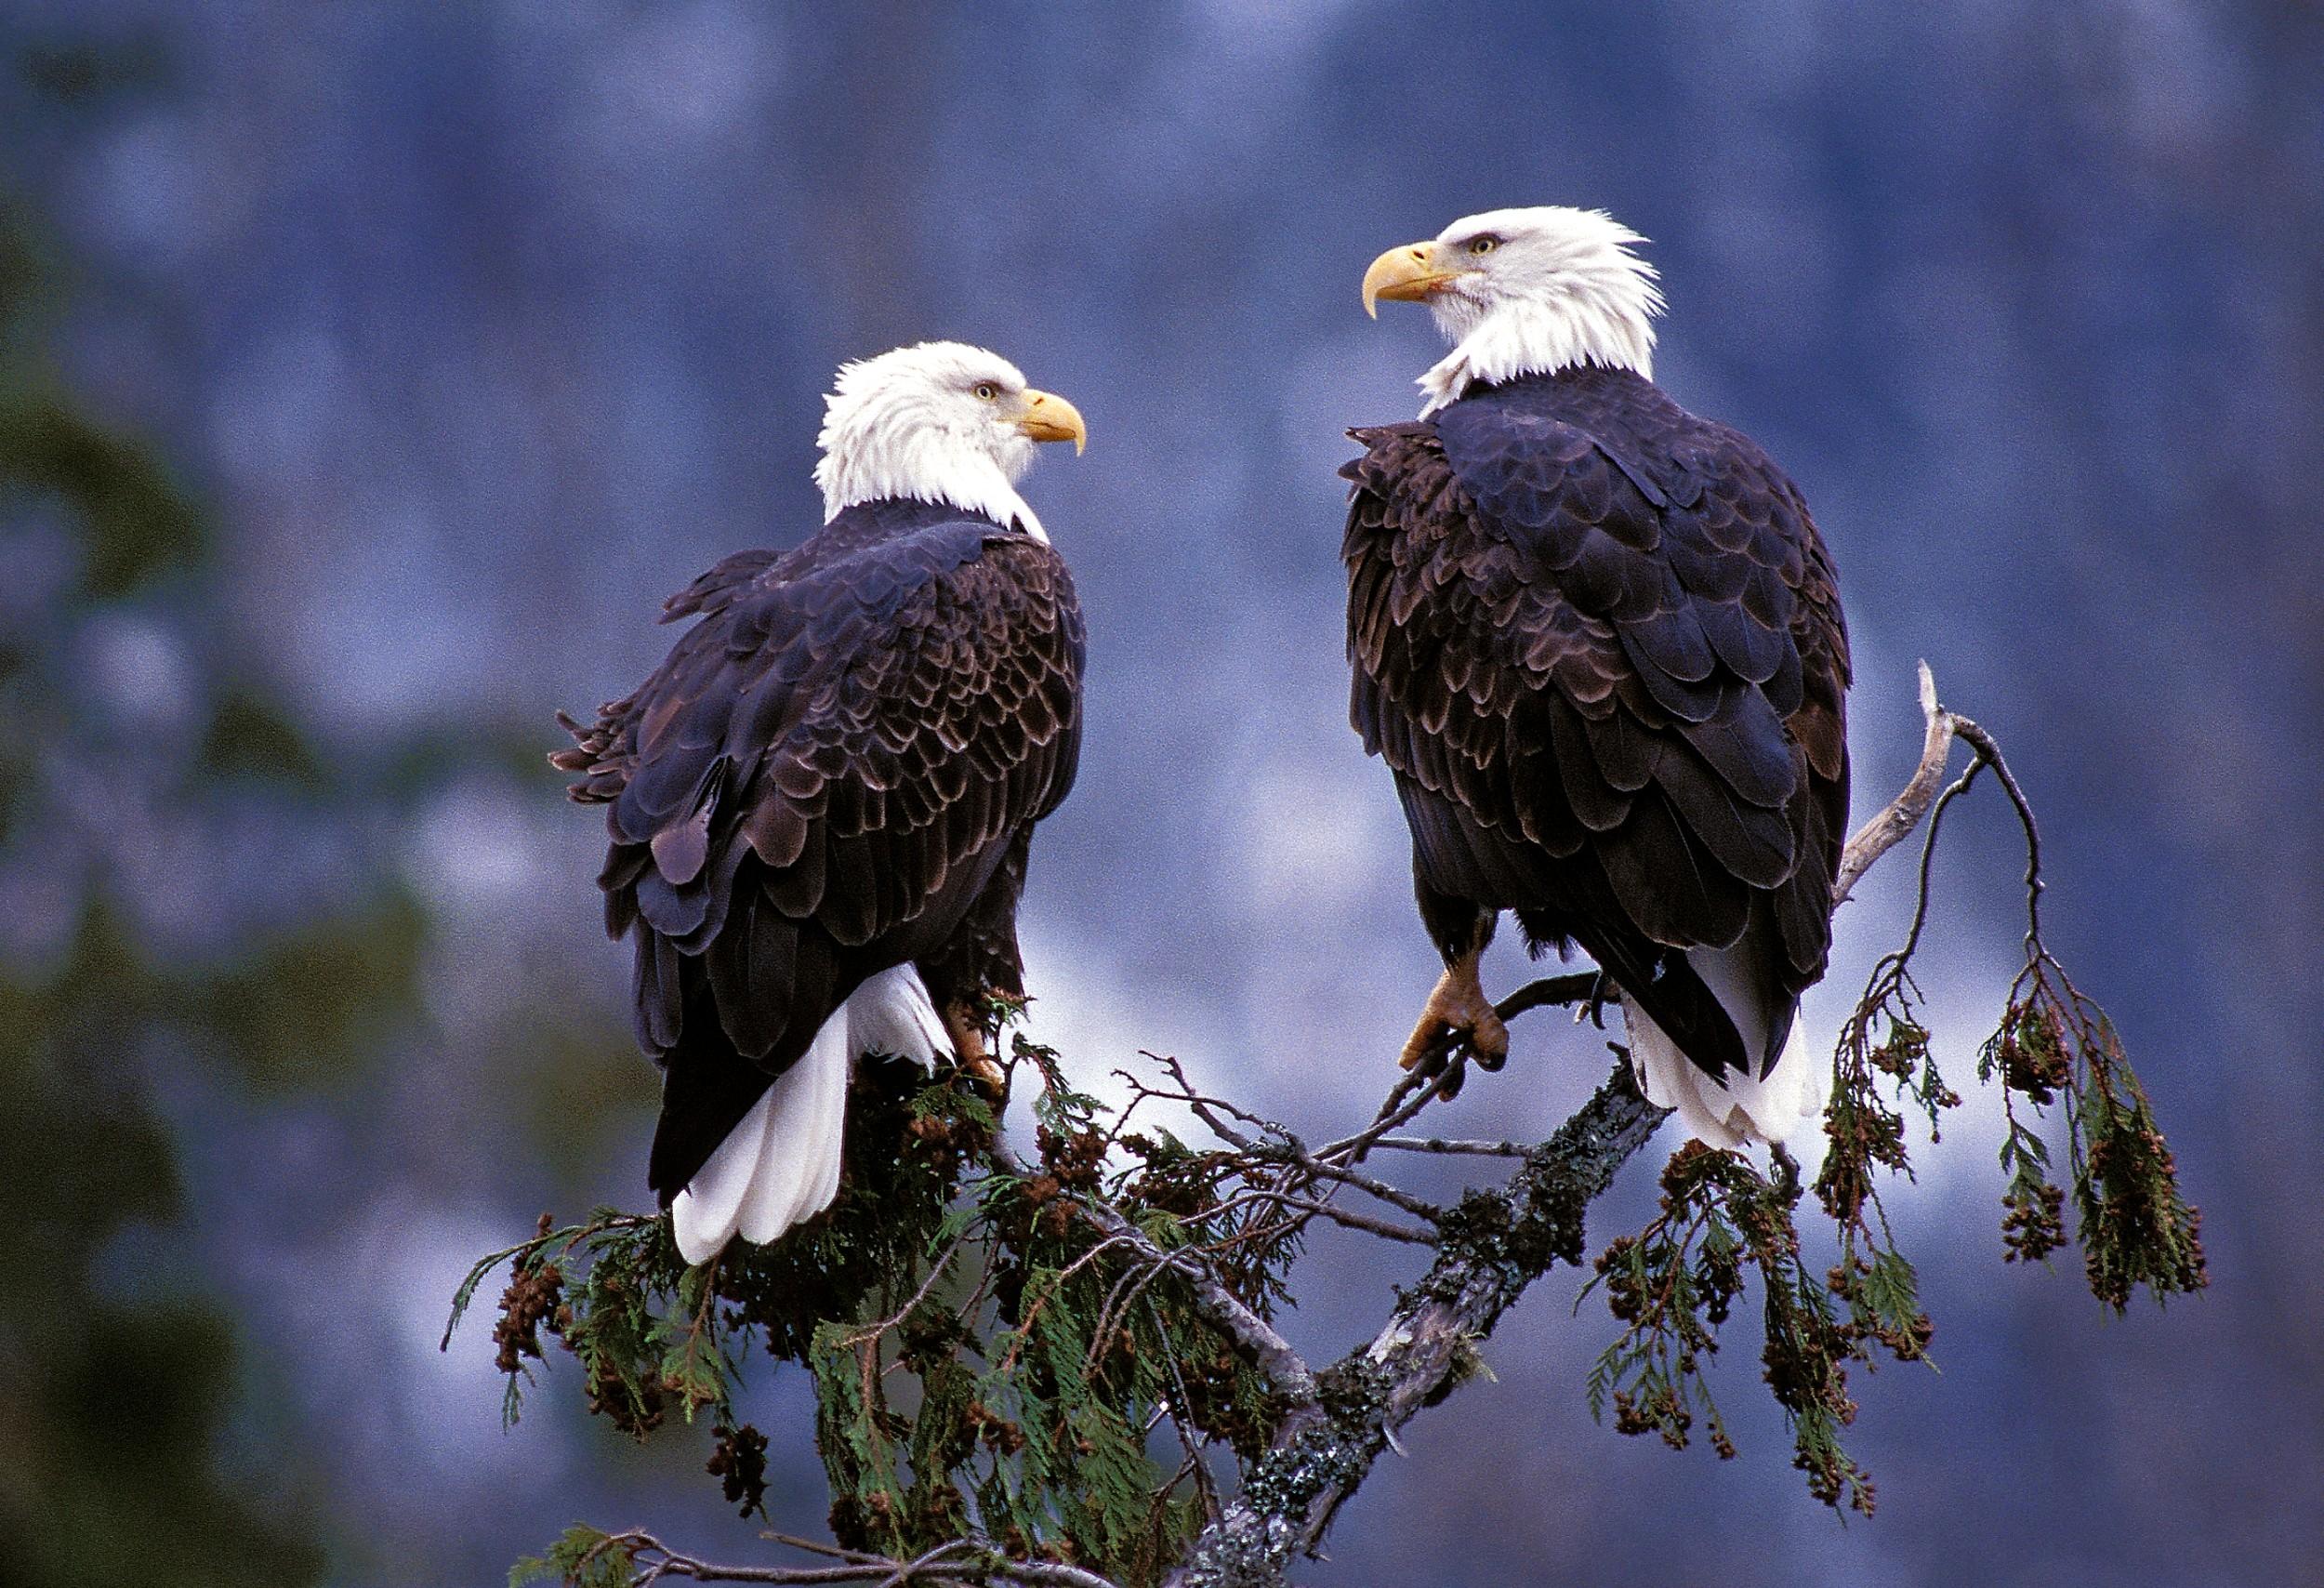 Eagle Pair photo Mike Wigle and Tweedsmuir Park Lodge.jpg